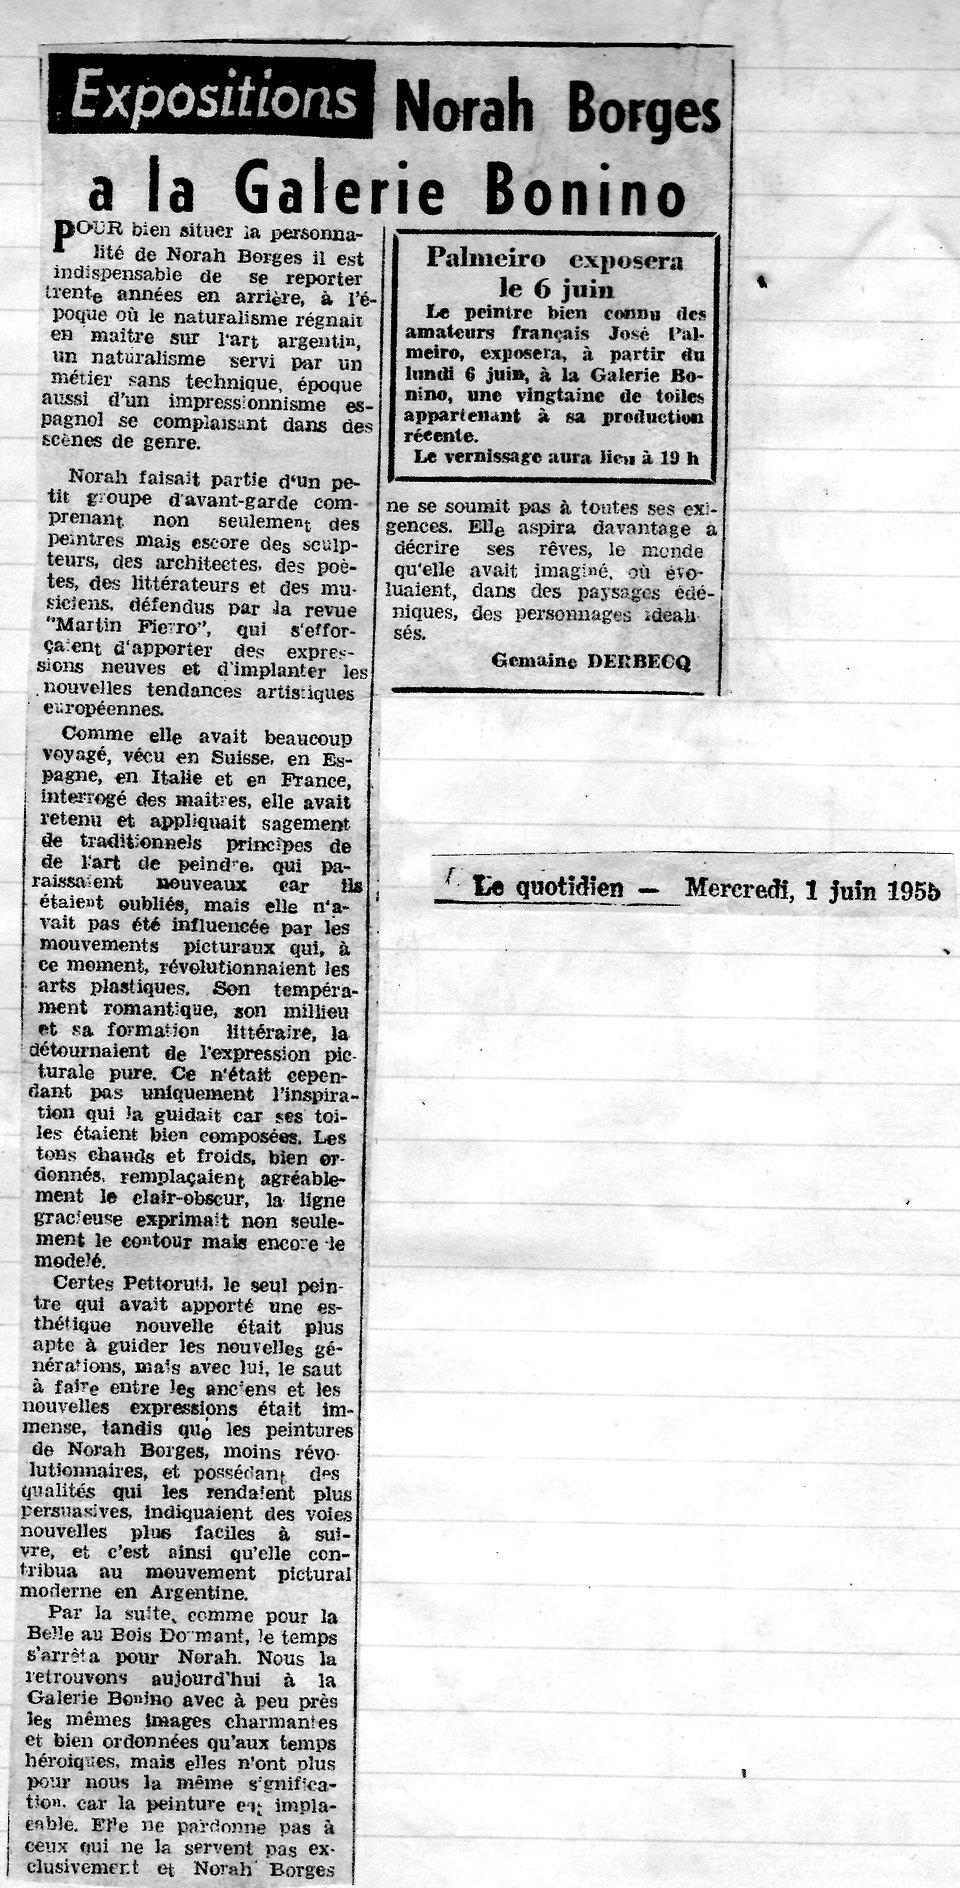 Le Quotidien003 - Norah Borges a la Gale